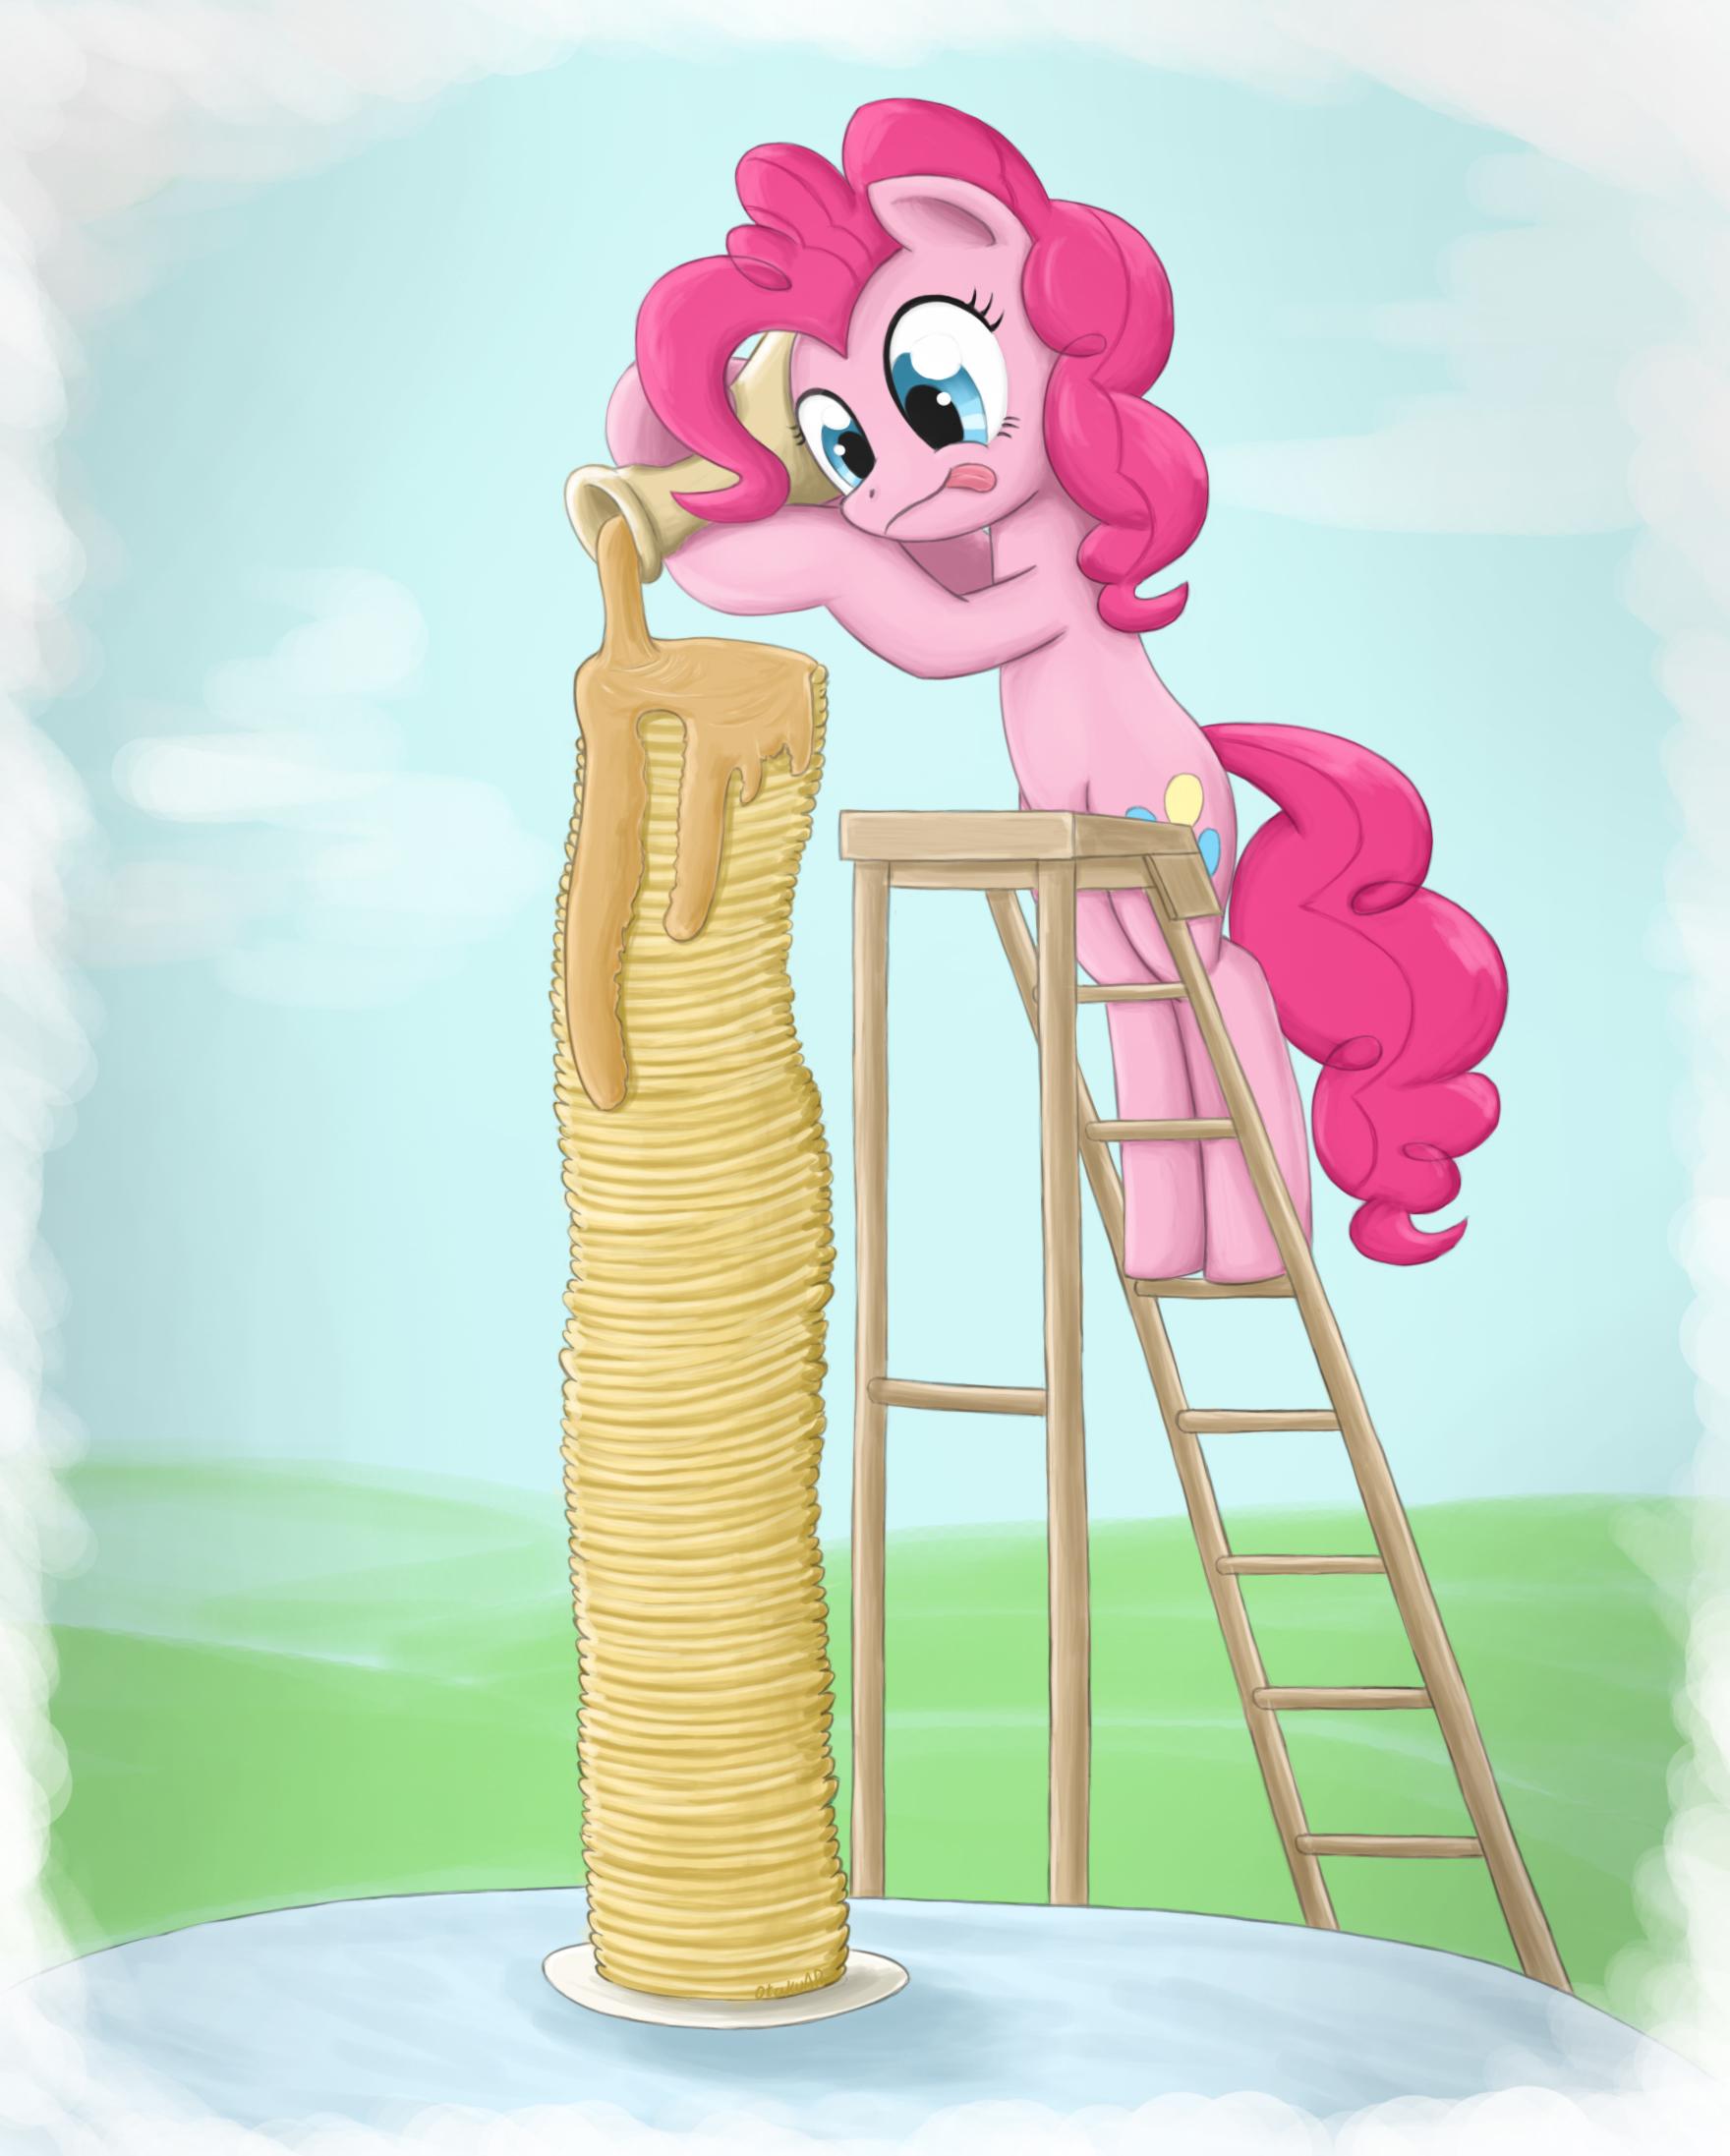 Pinkie pie's Pancake Dream by otakuap